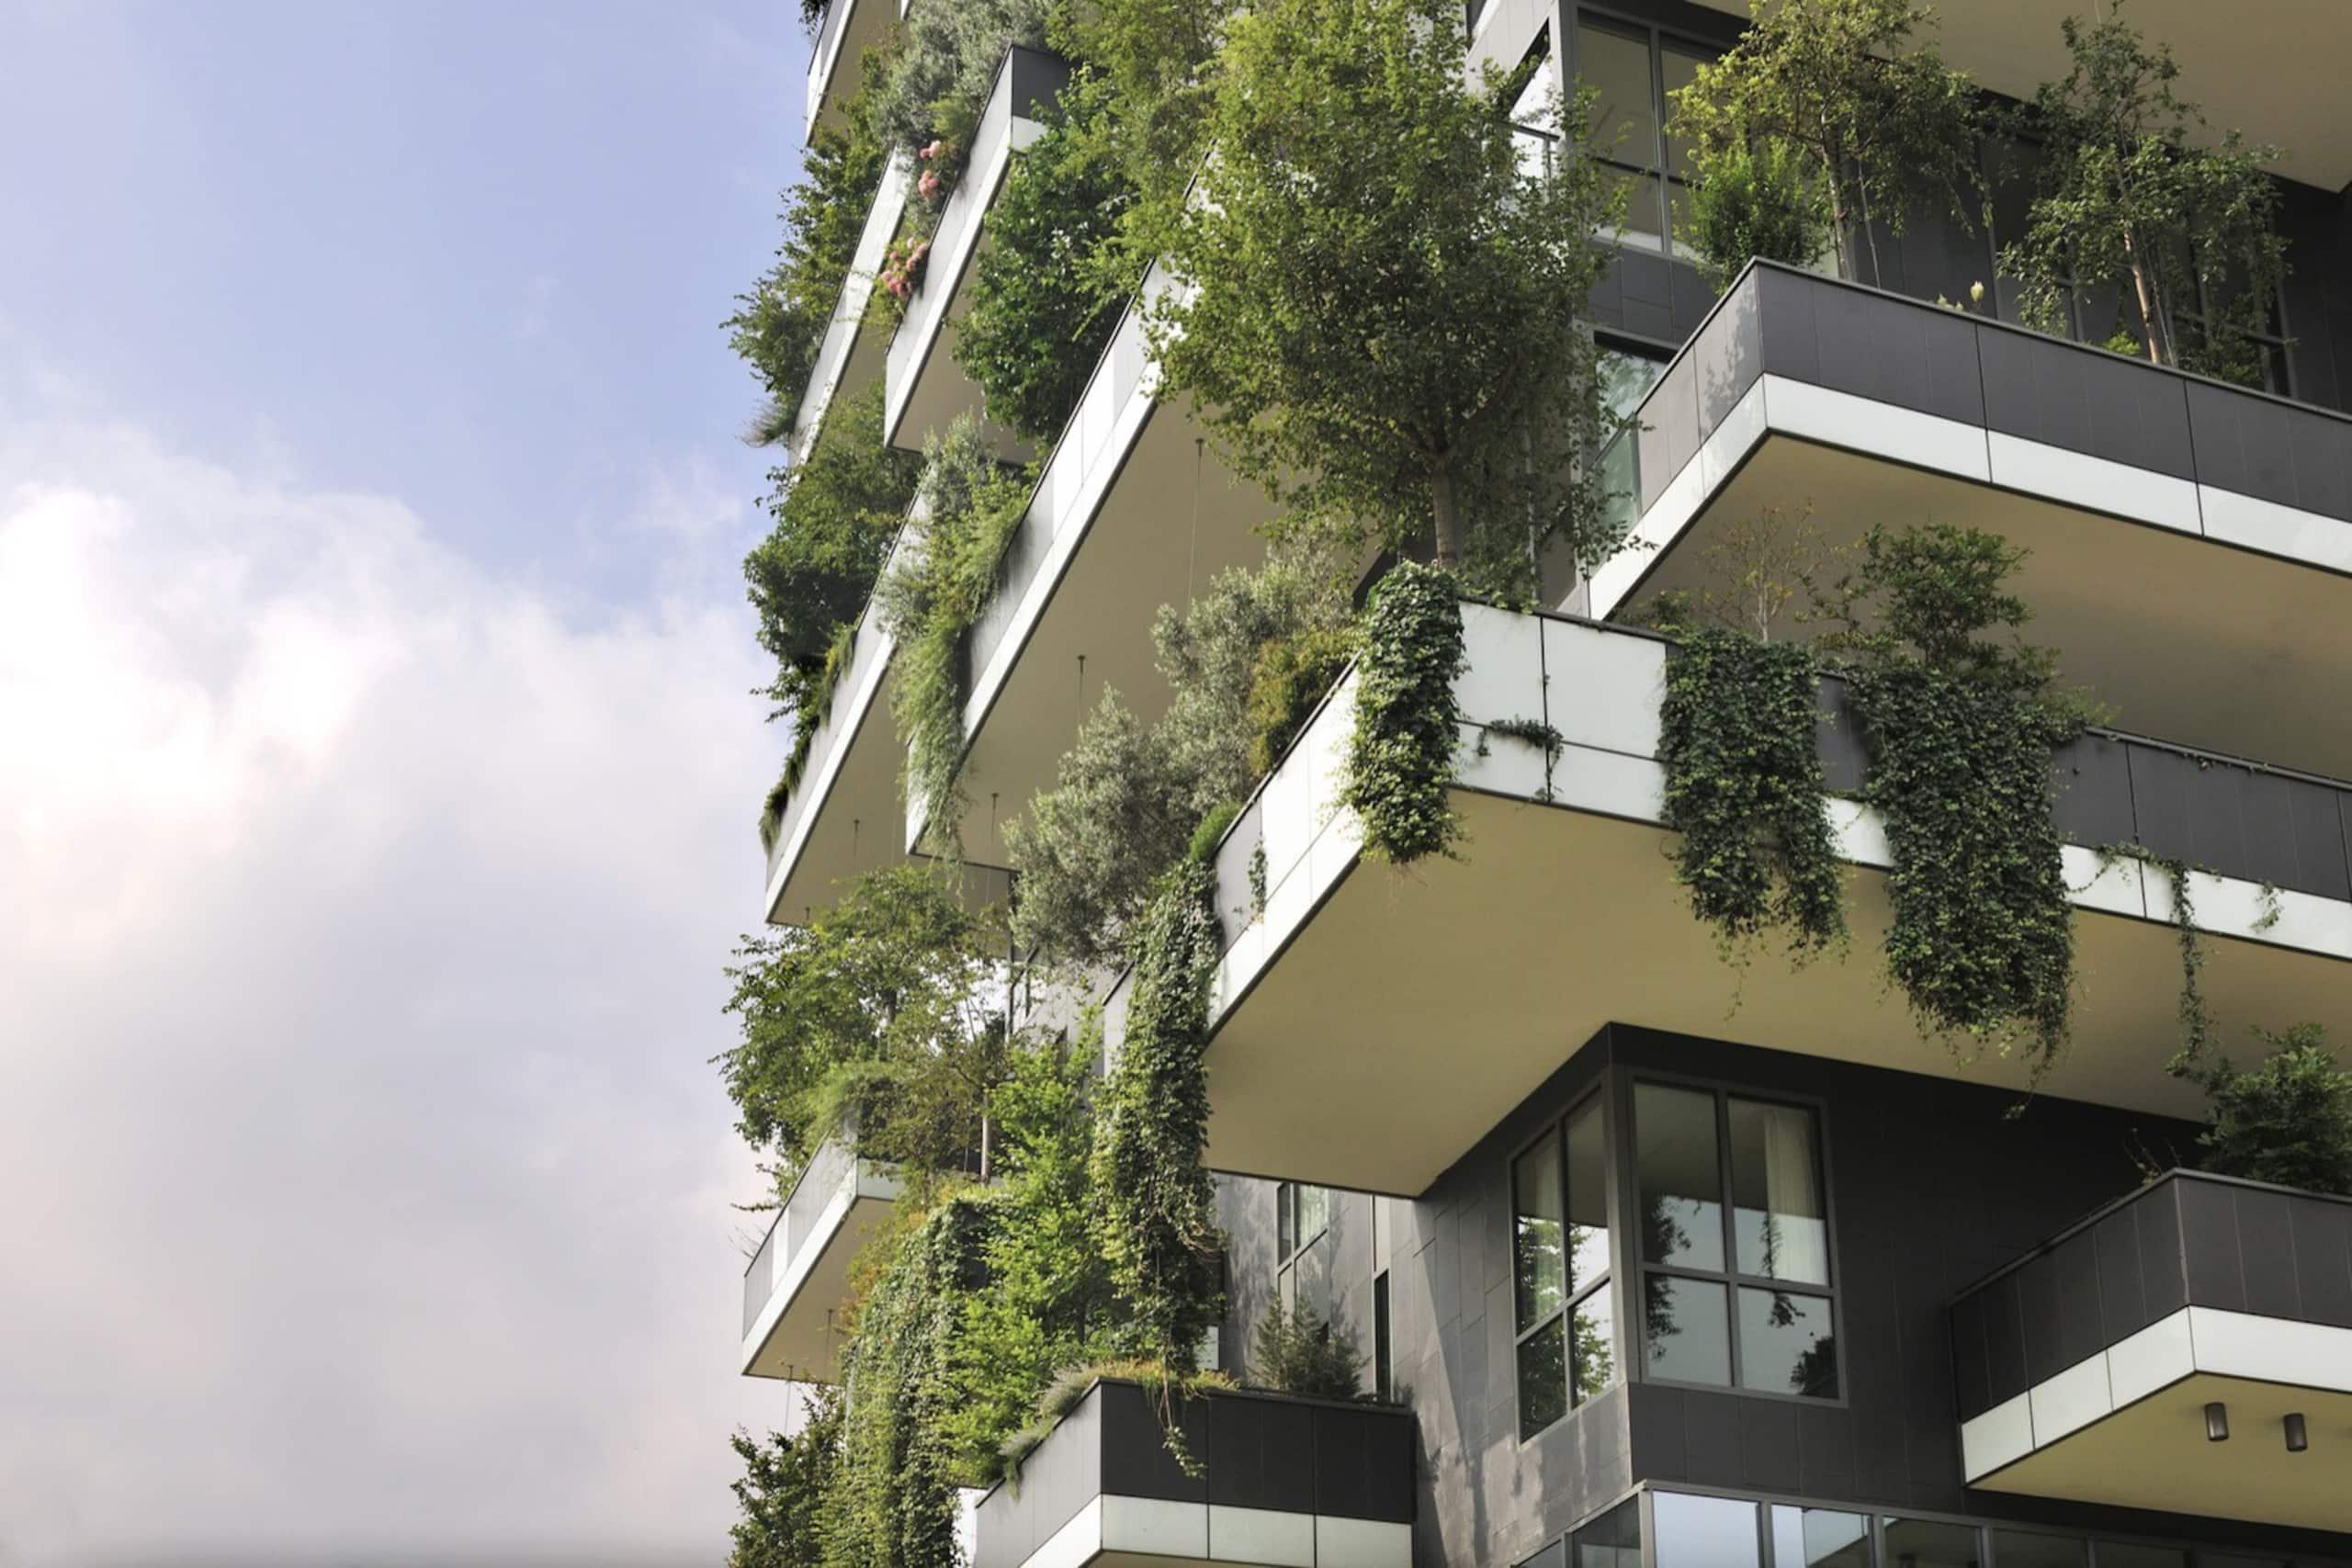 Bosco Verticale Appartamenti Costo elegant designer flat in bosco verticale - apartments for